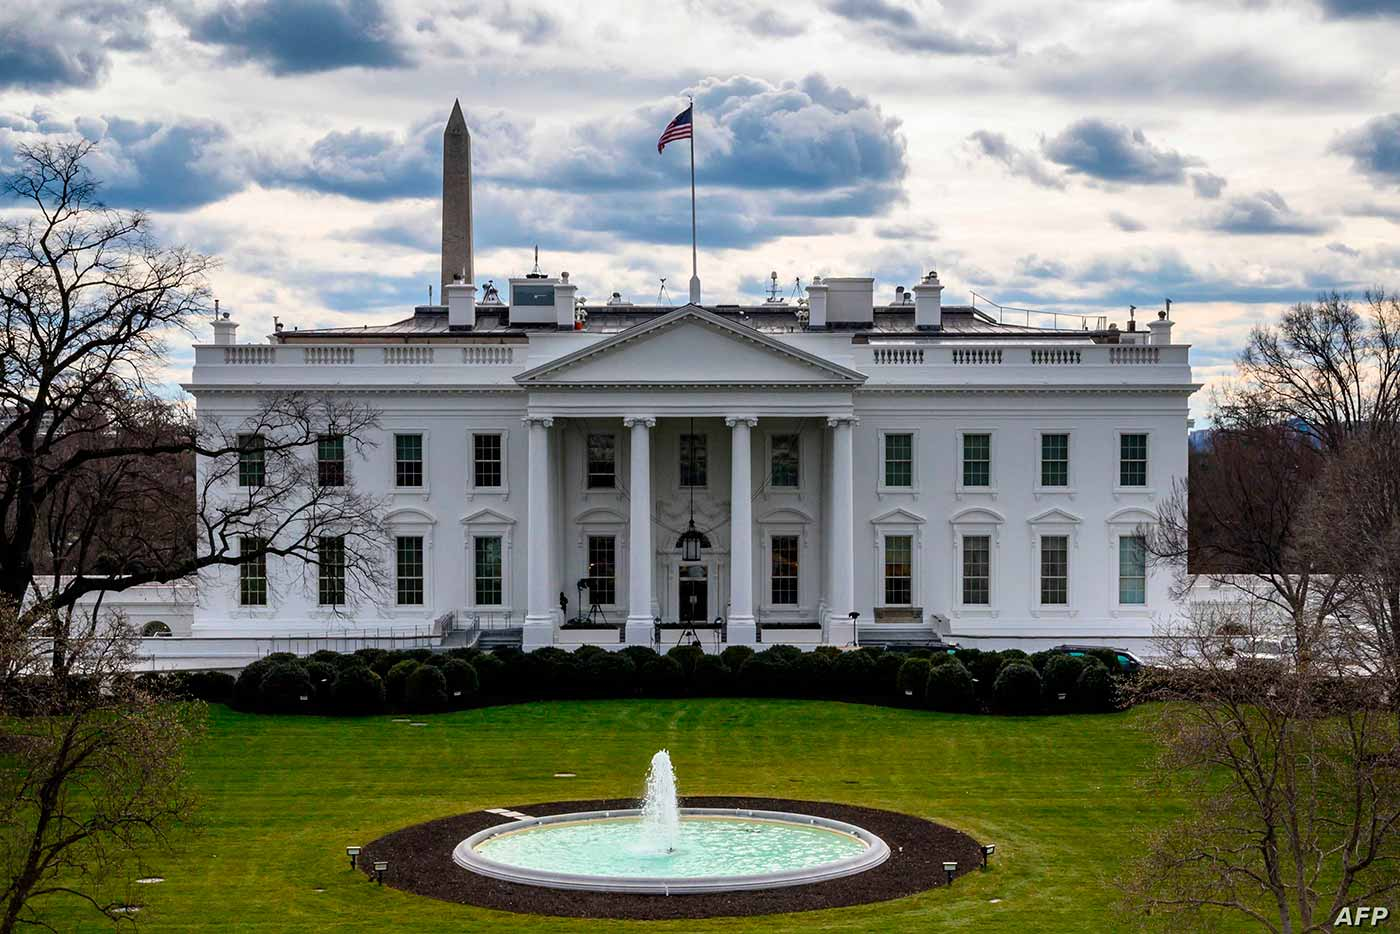 البيت الأبيض يرفض التعليق على تقارير عن أجسام غريبة طائرة